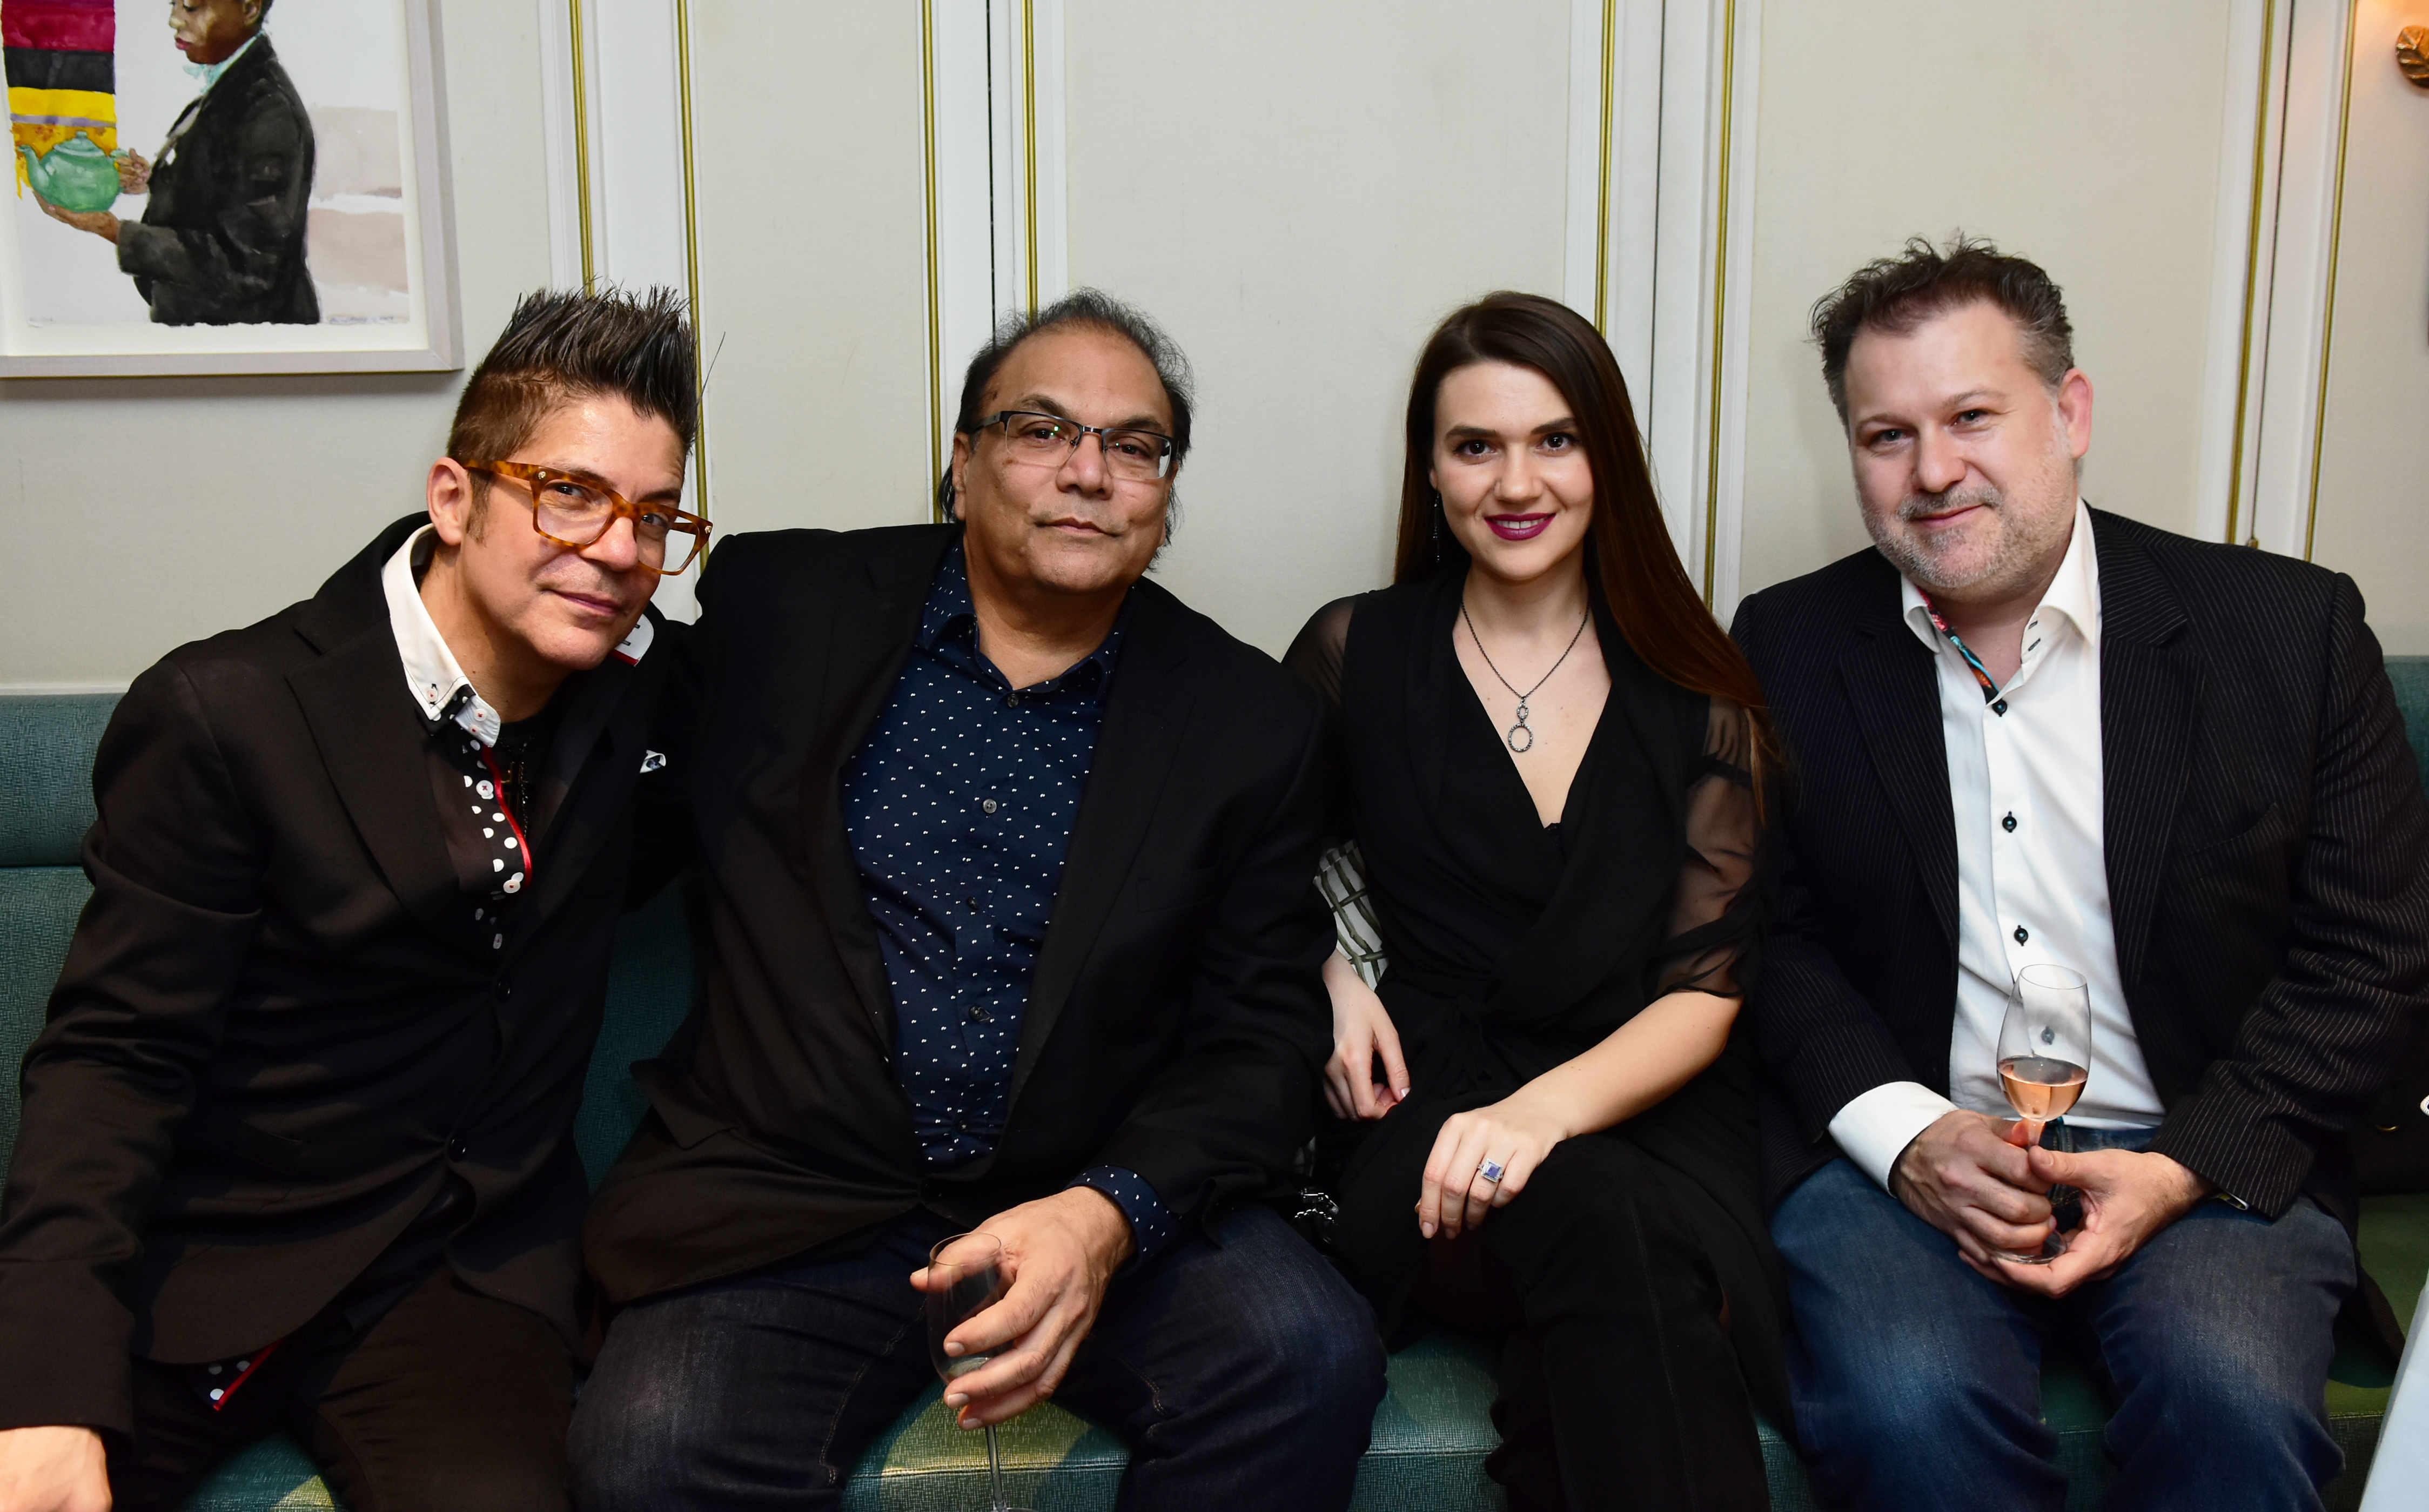 Joe Alvarez, Dipak Darbari, Olesea Luchian, Adam Ziff Fortras fashion showcase at Fortnum and Mason. © Joe Alvarez